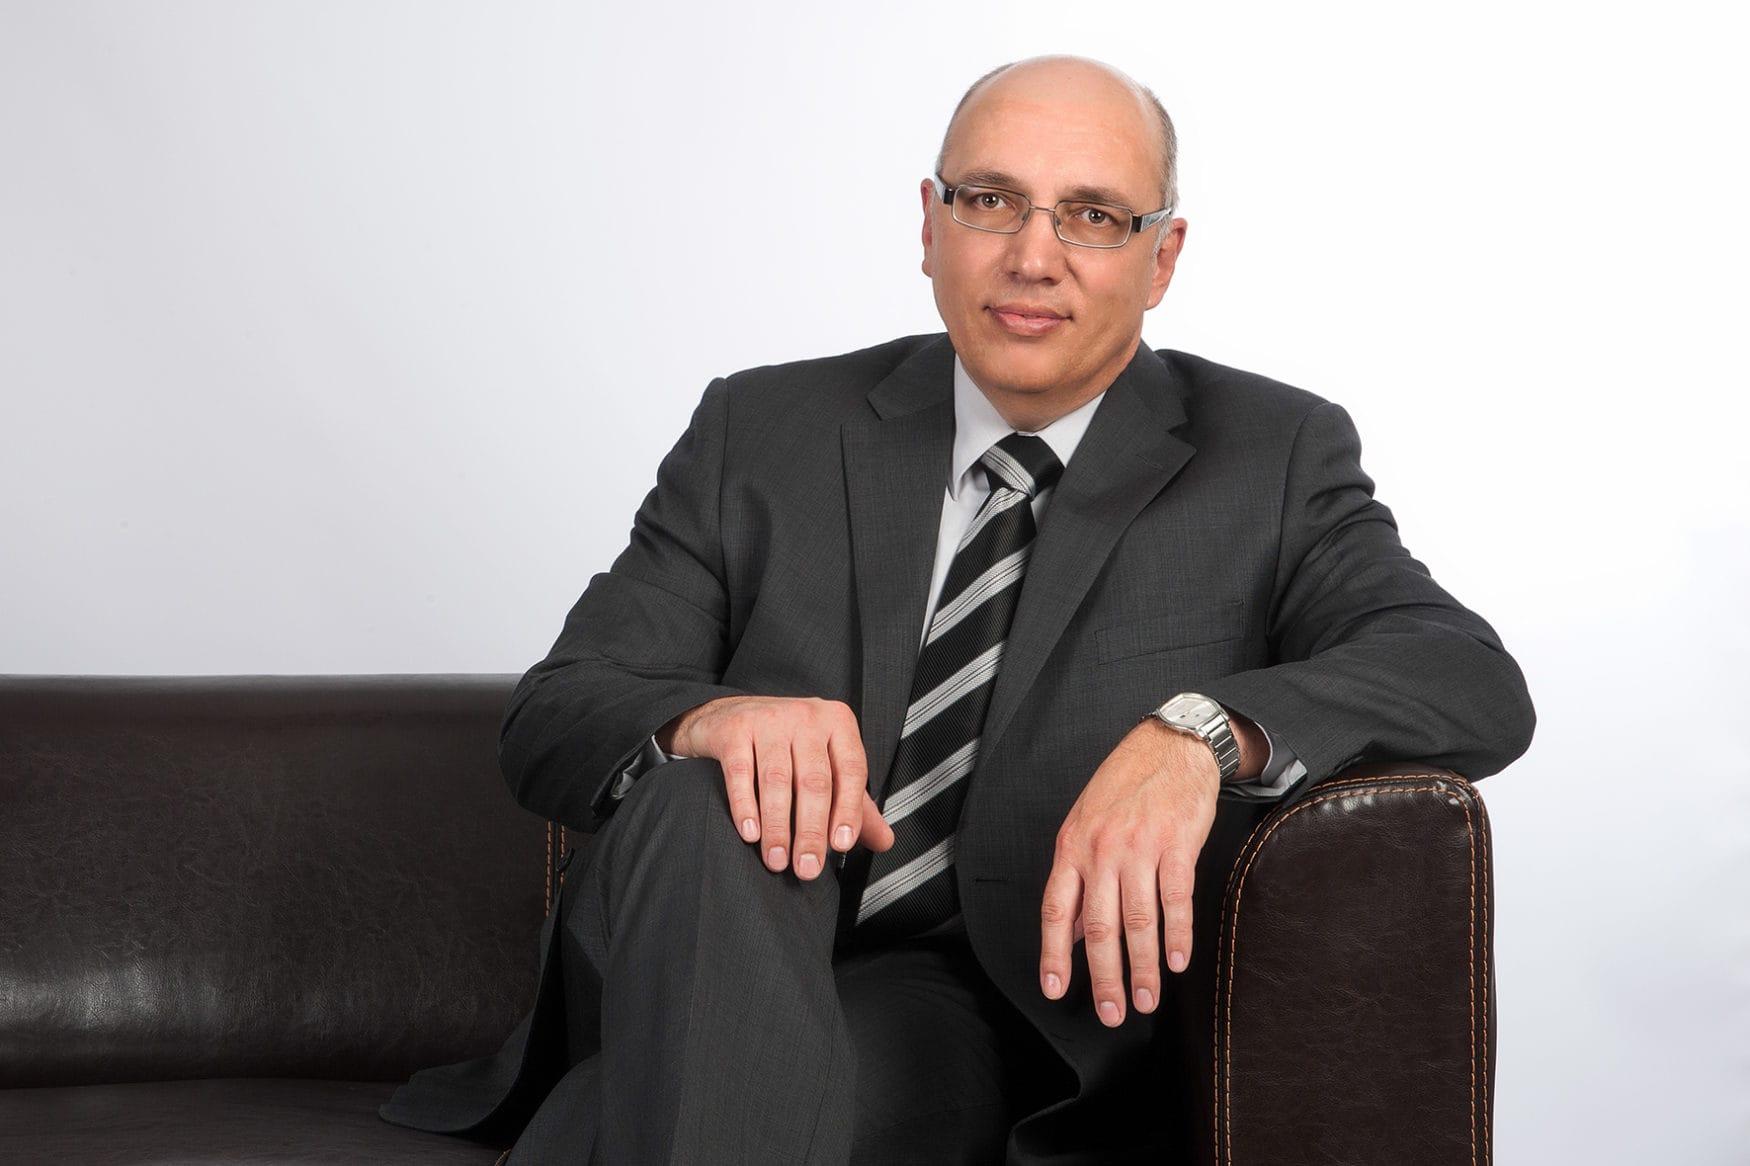 Dr. Walter Schoger, Experte für Lern- und Veränderungsprozesse, Coach, Prozessbegleiter und comFormer